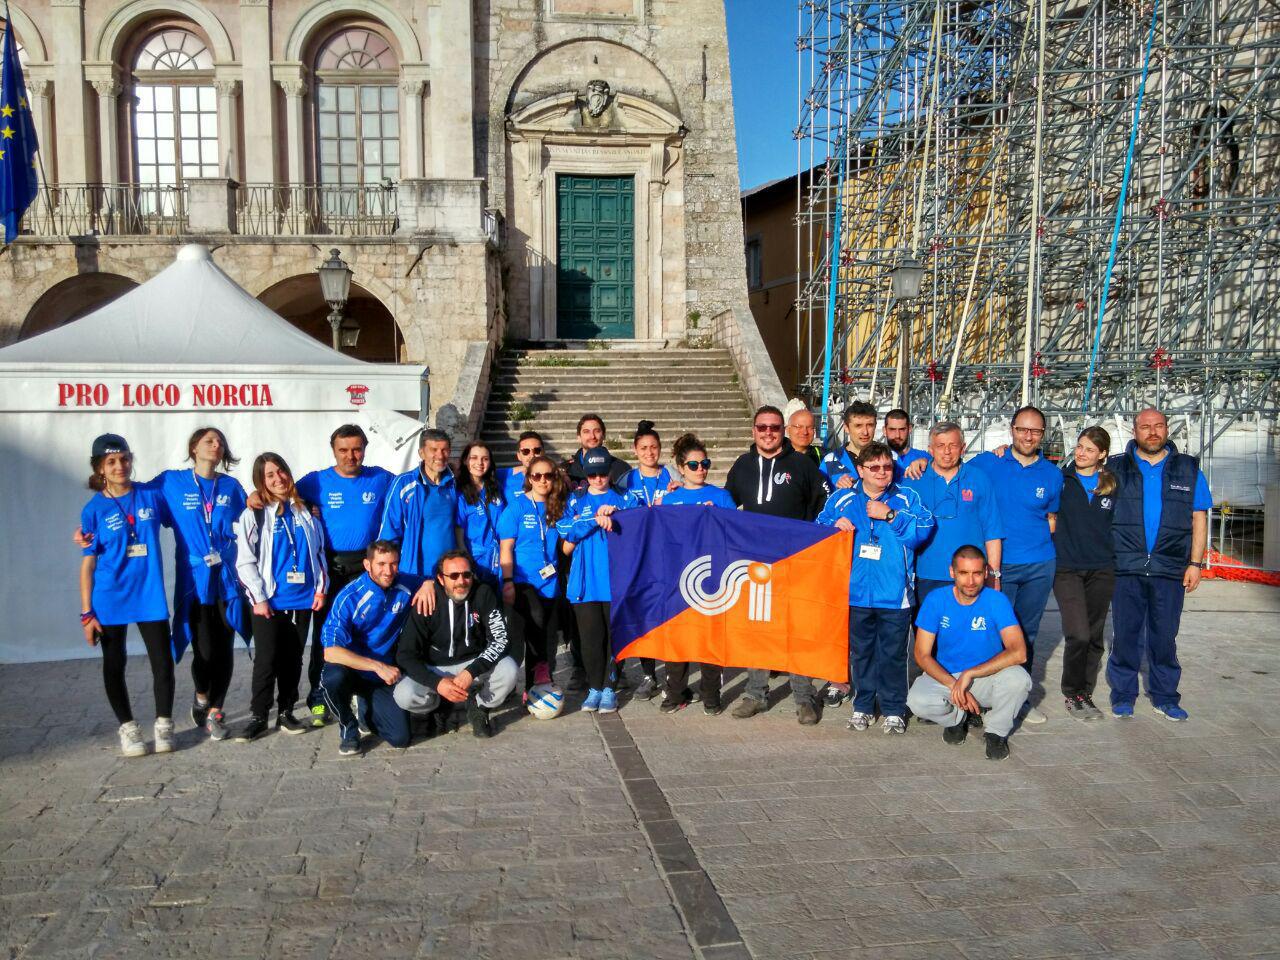 Foto 5 Comunicato Stampa CSI Perugia - Post evento Norcia